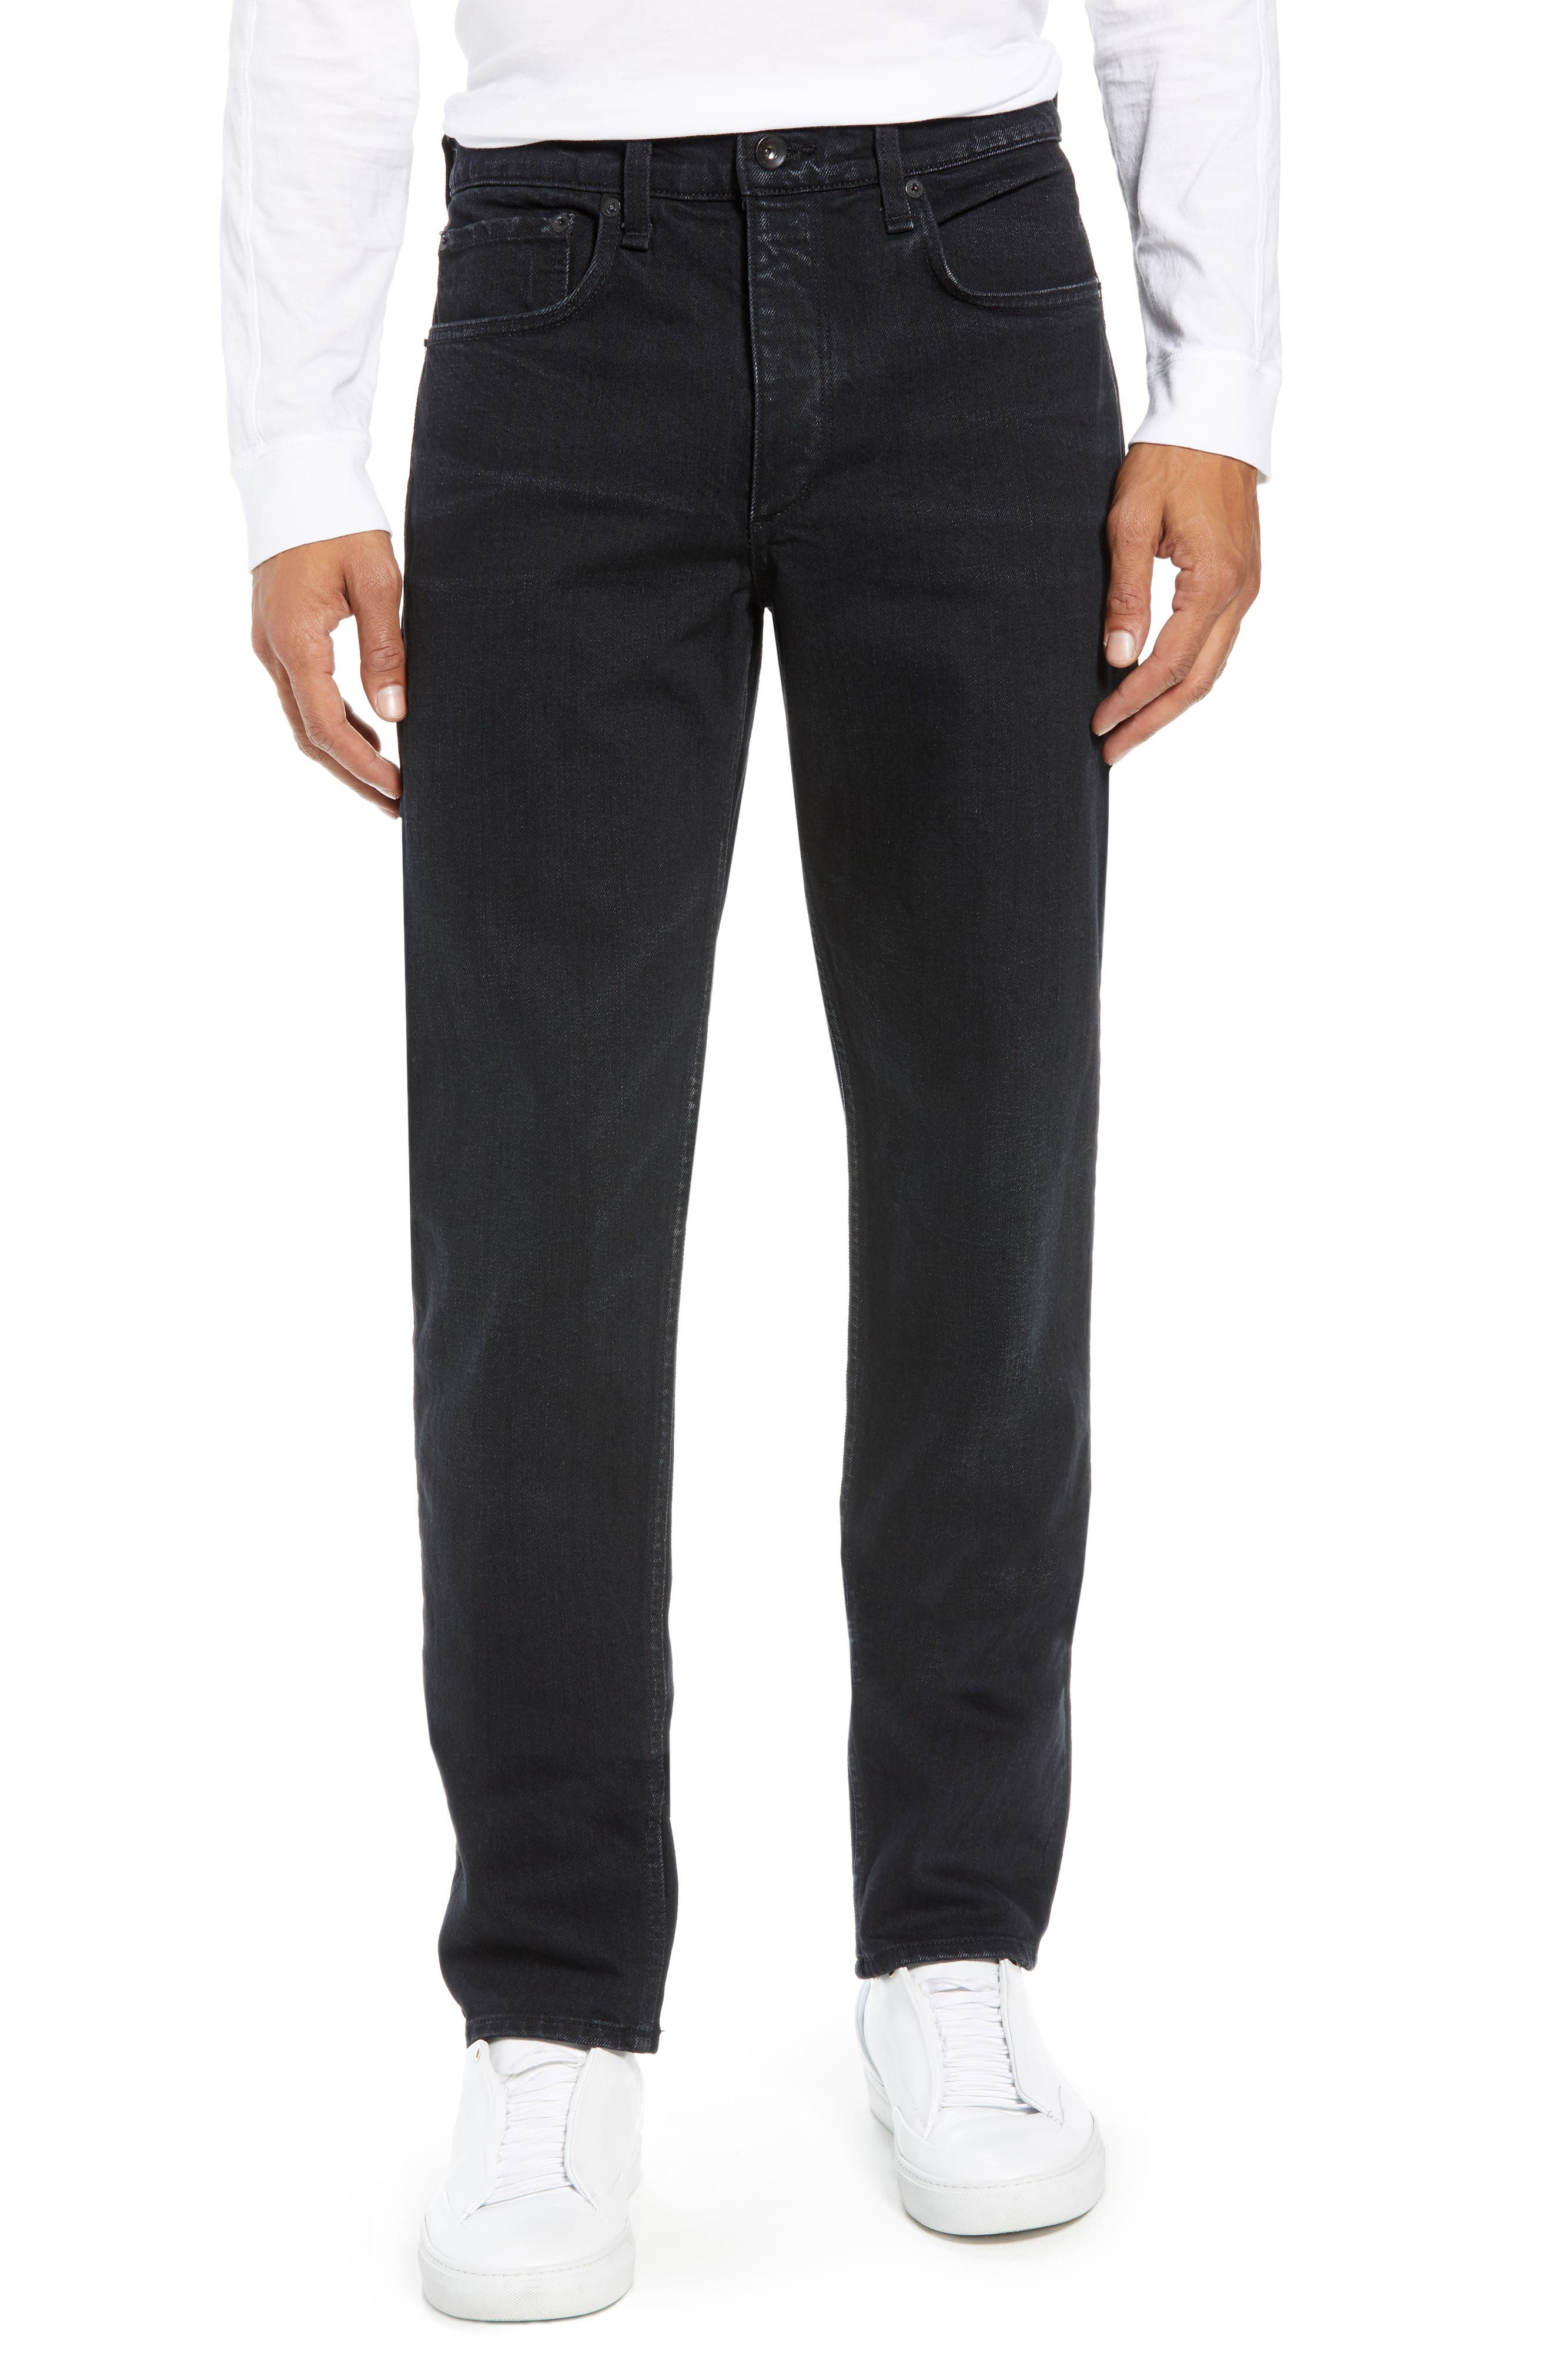 Fit 2 Slim Fit Jeans,                             Main thumbnail 1, color,                             DEVON